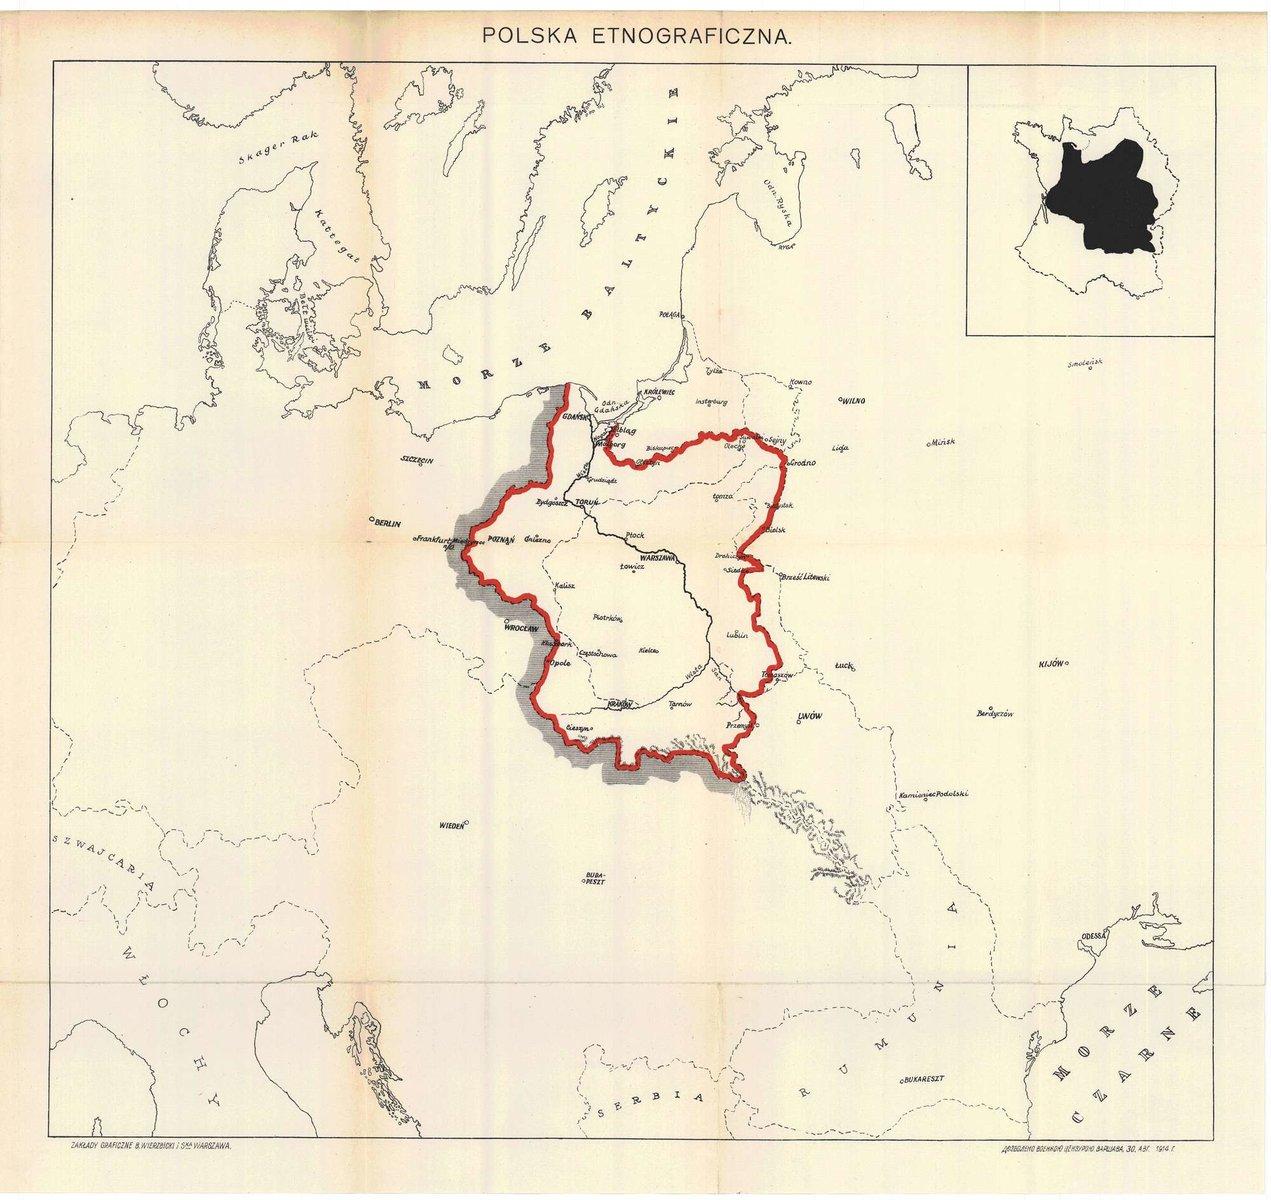 Этнографическая карта поляков (Польши), 1914.